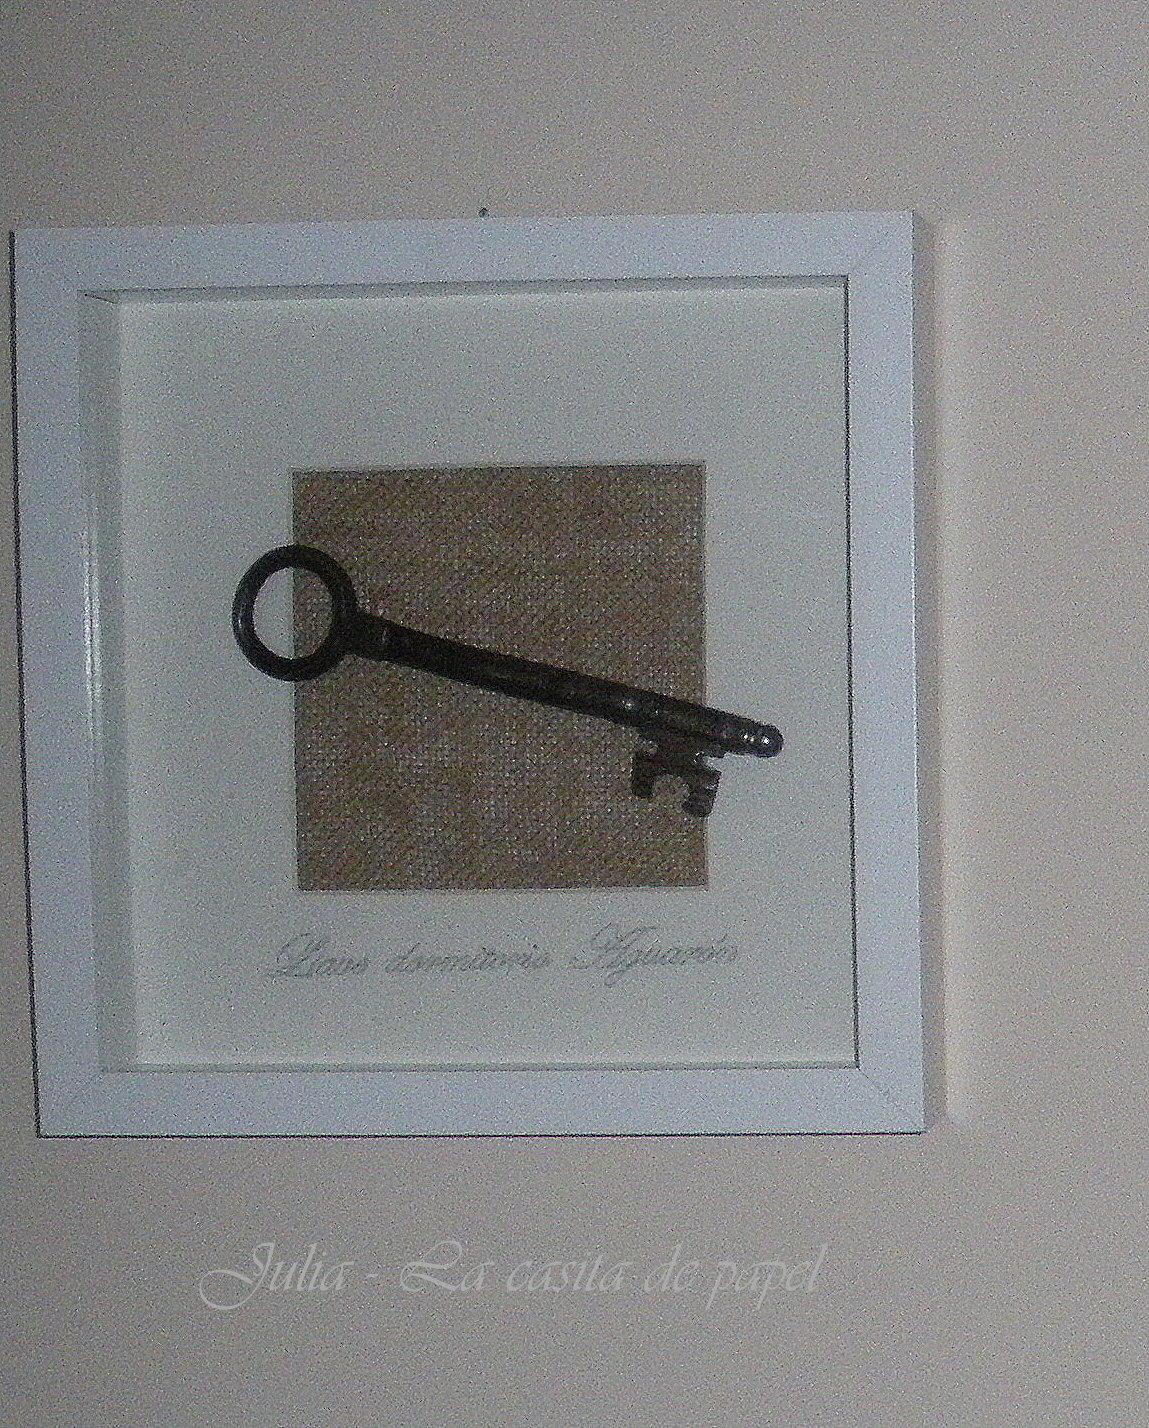 La casita de papel llave antigua for Llaves de bano antiguas